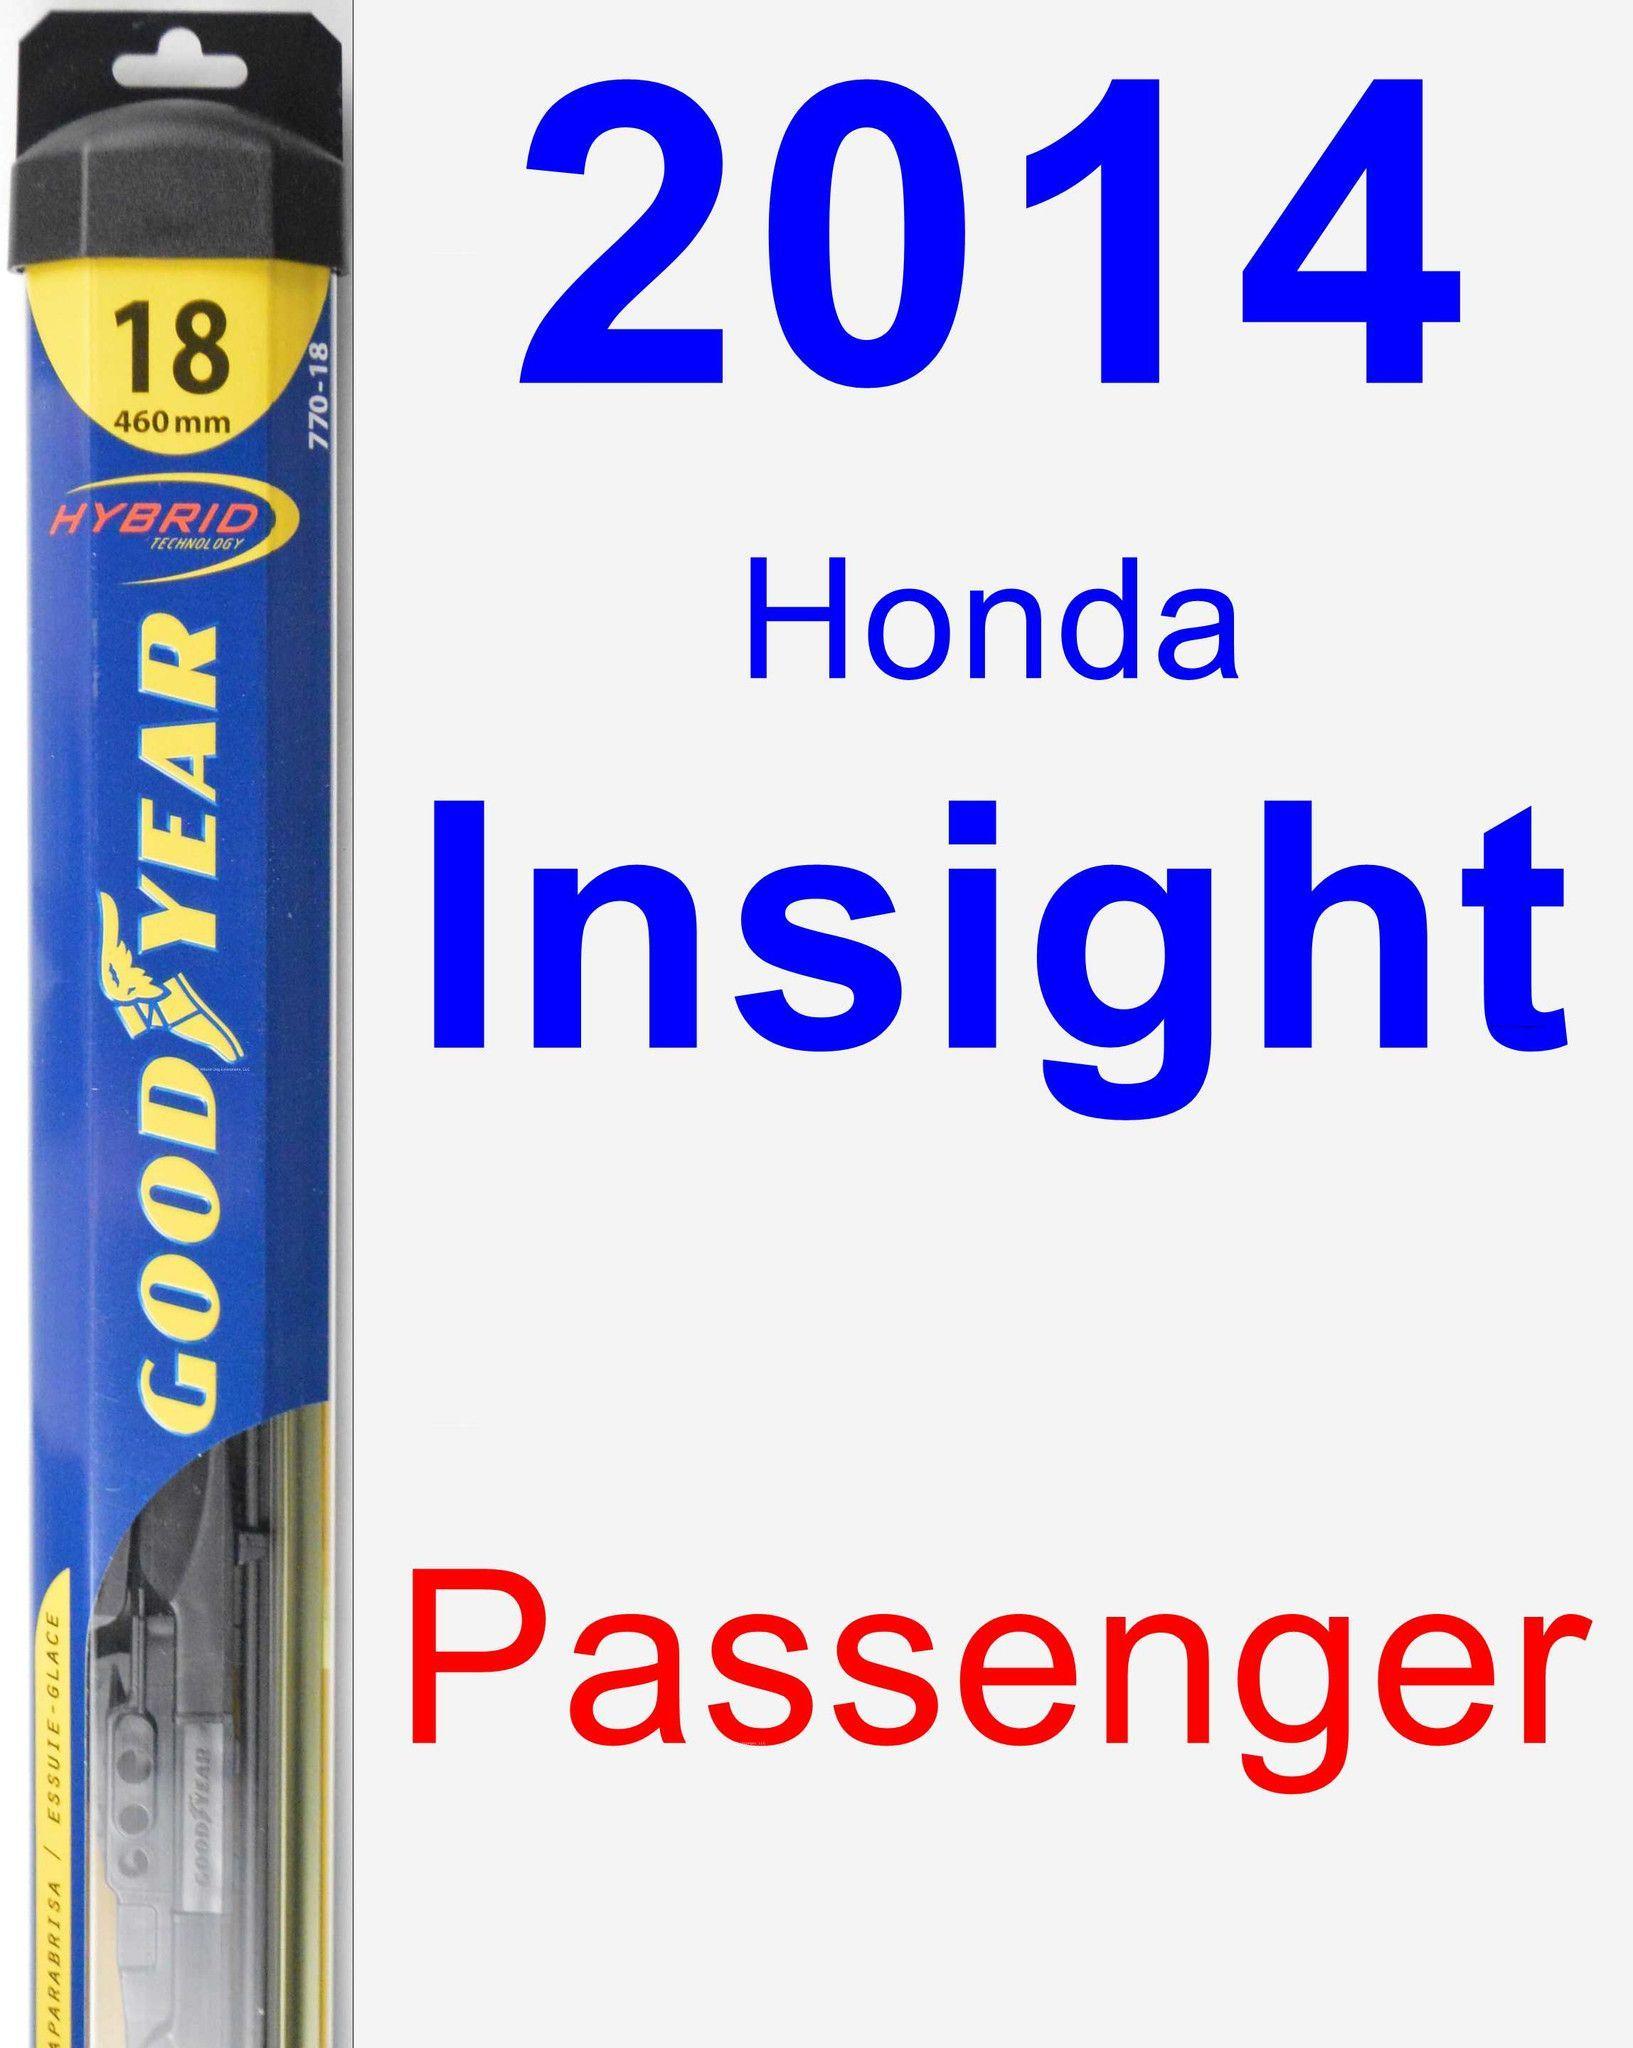 Passenger Wiper Blade for 2014 Honda Insight Hybrid